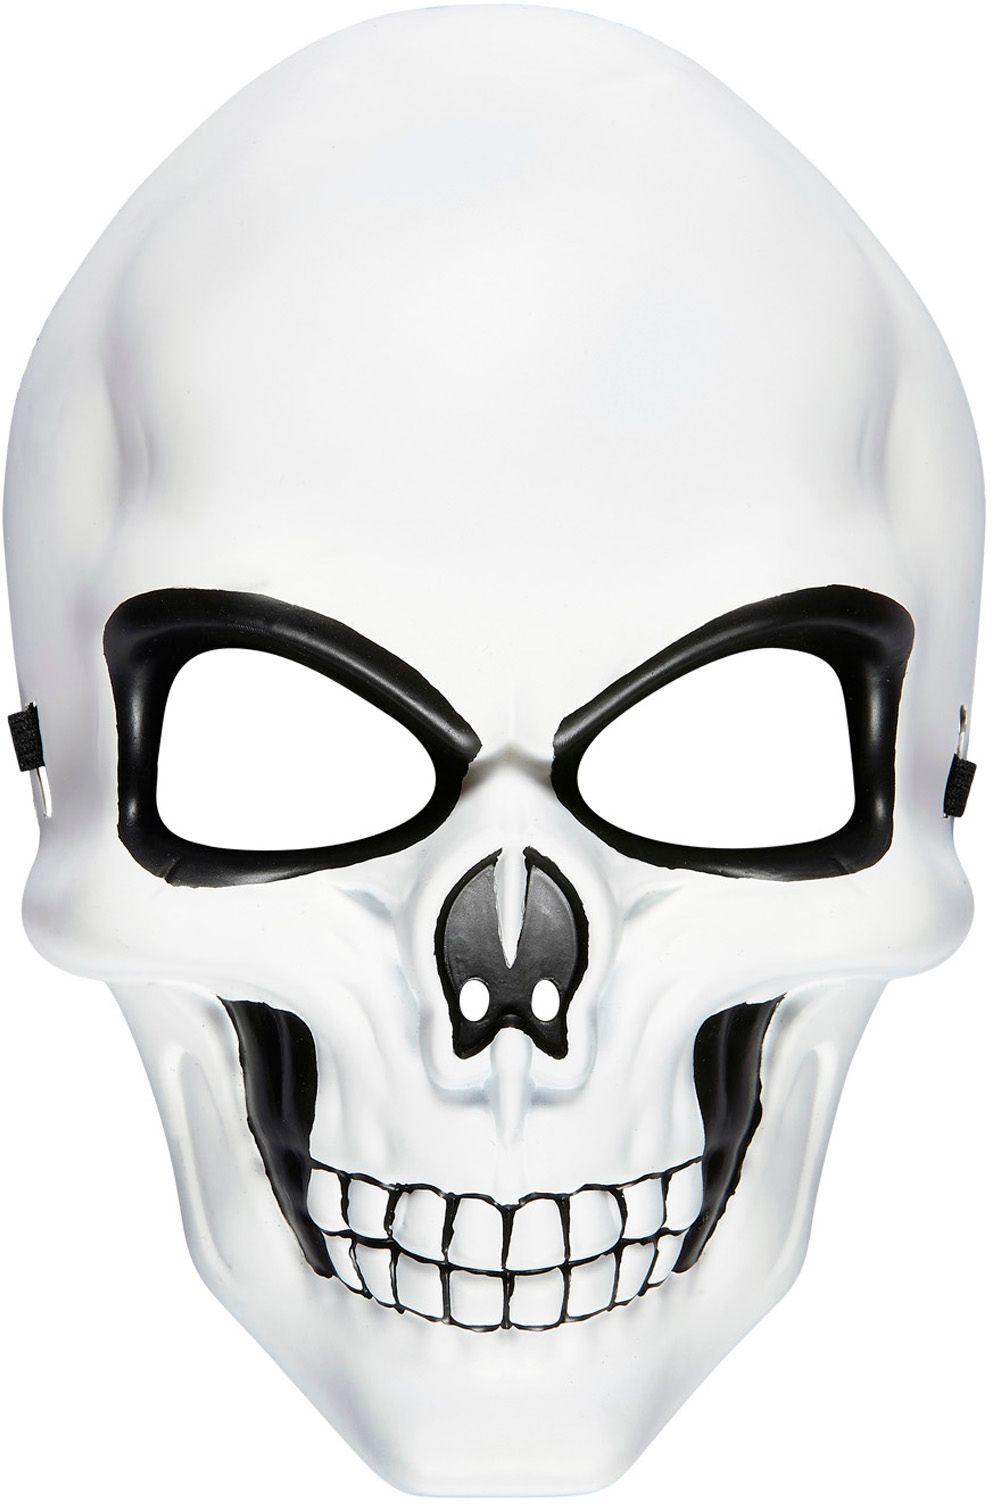 Realistisch schedel masker